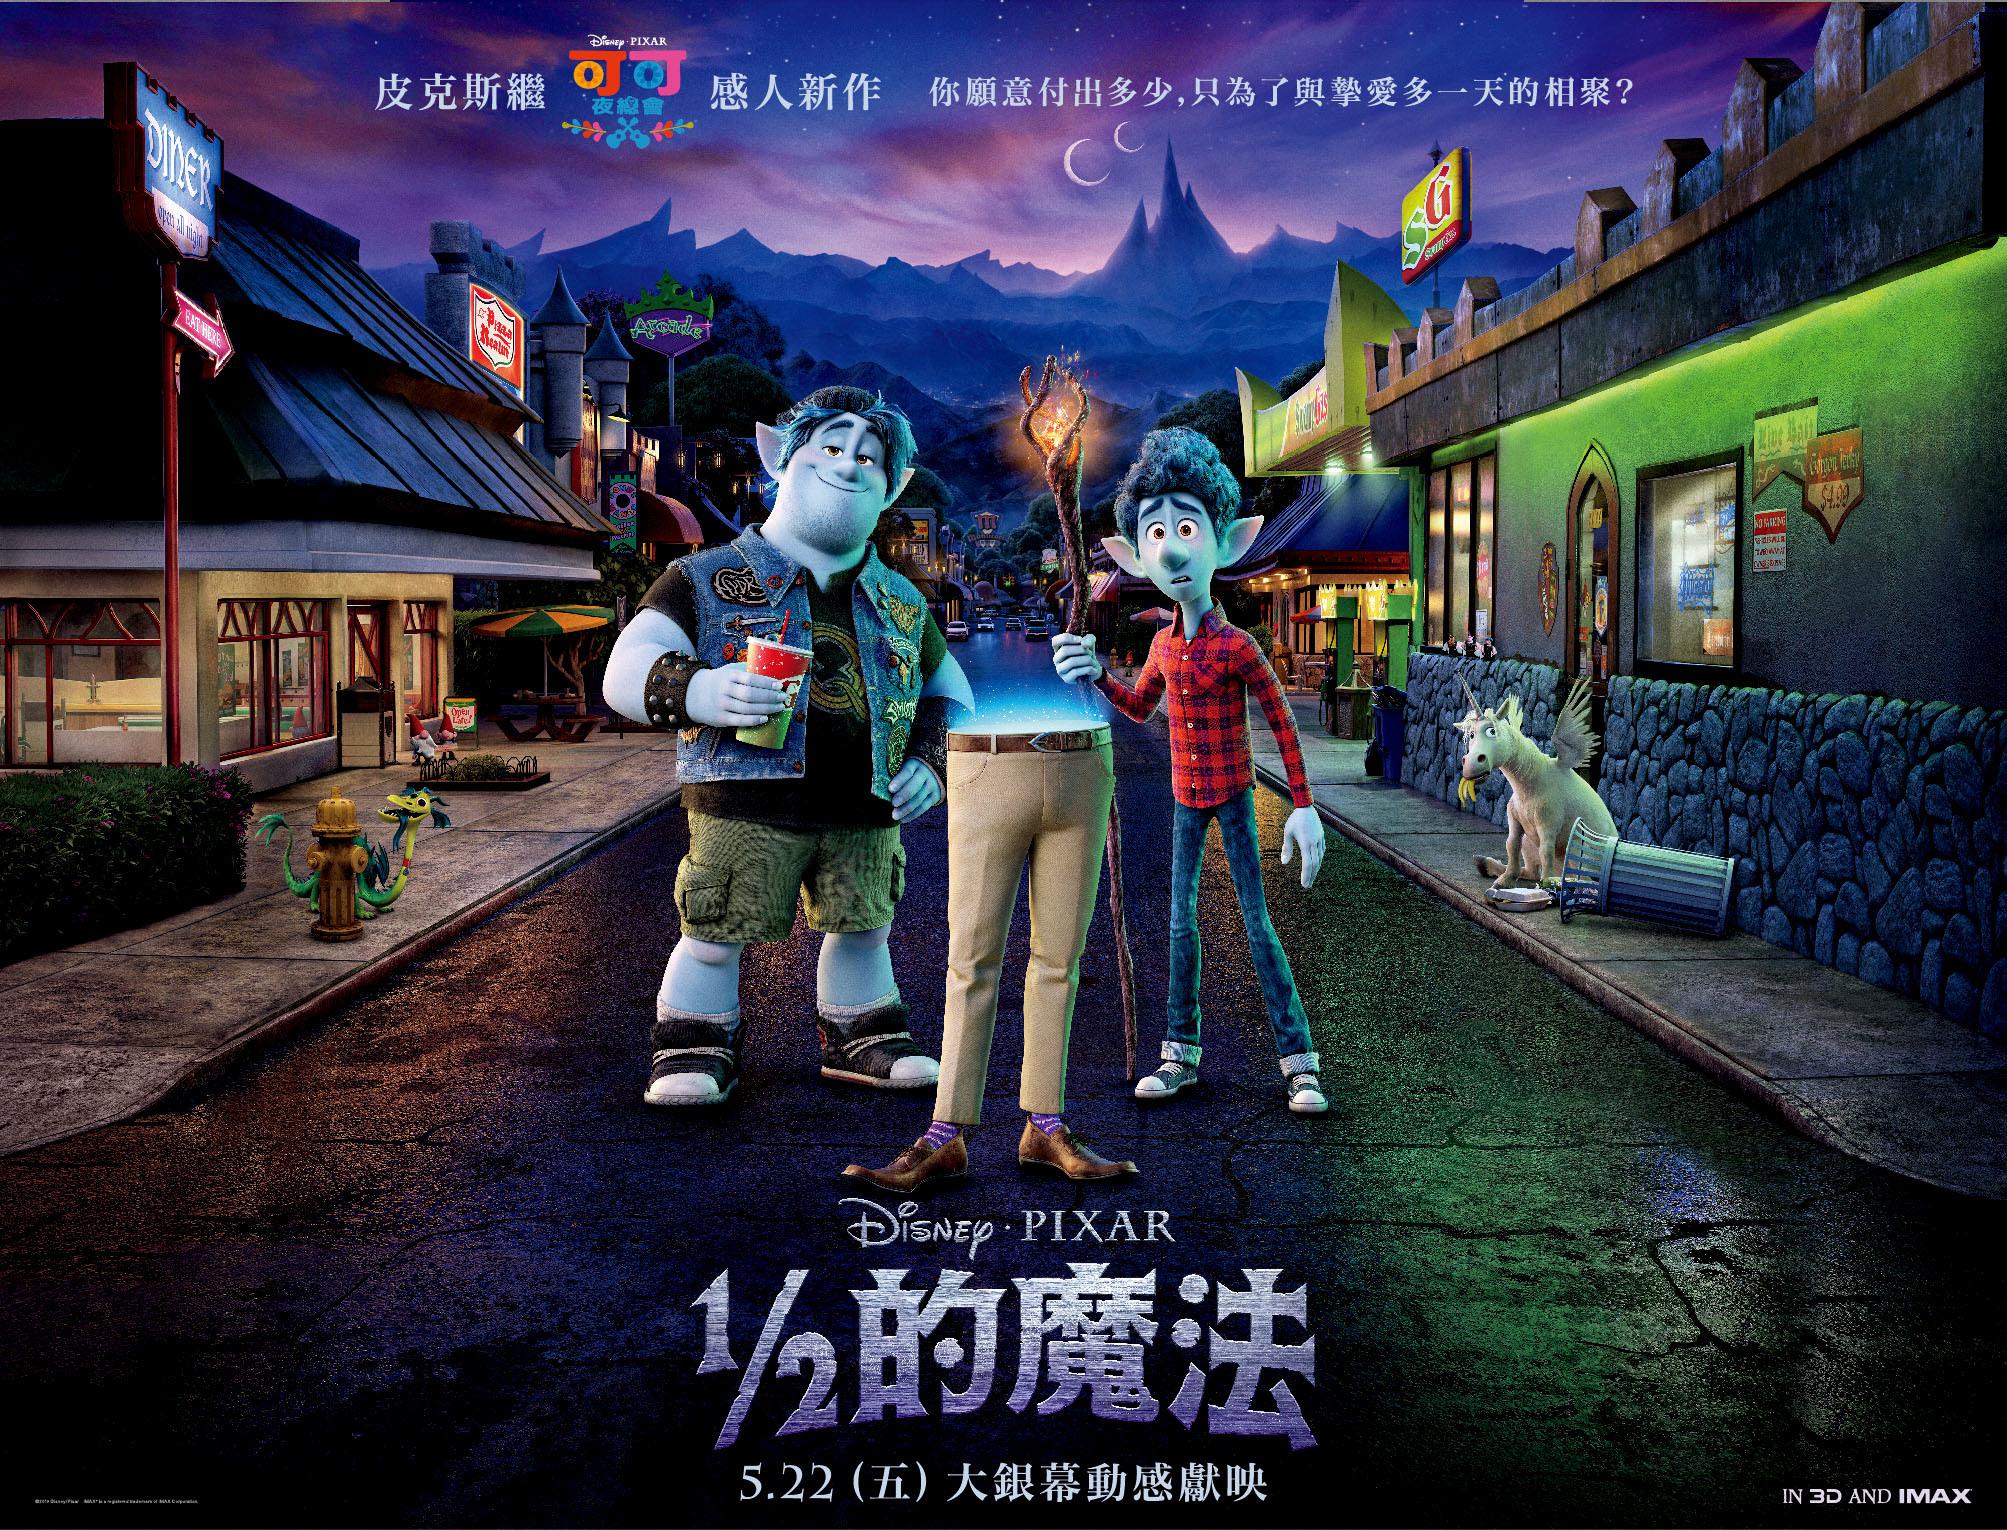 皮克斯动画电影《1/2 的魔法》将于 5 月 22 日在台